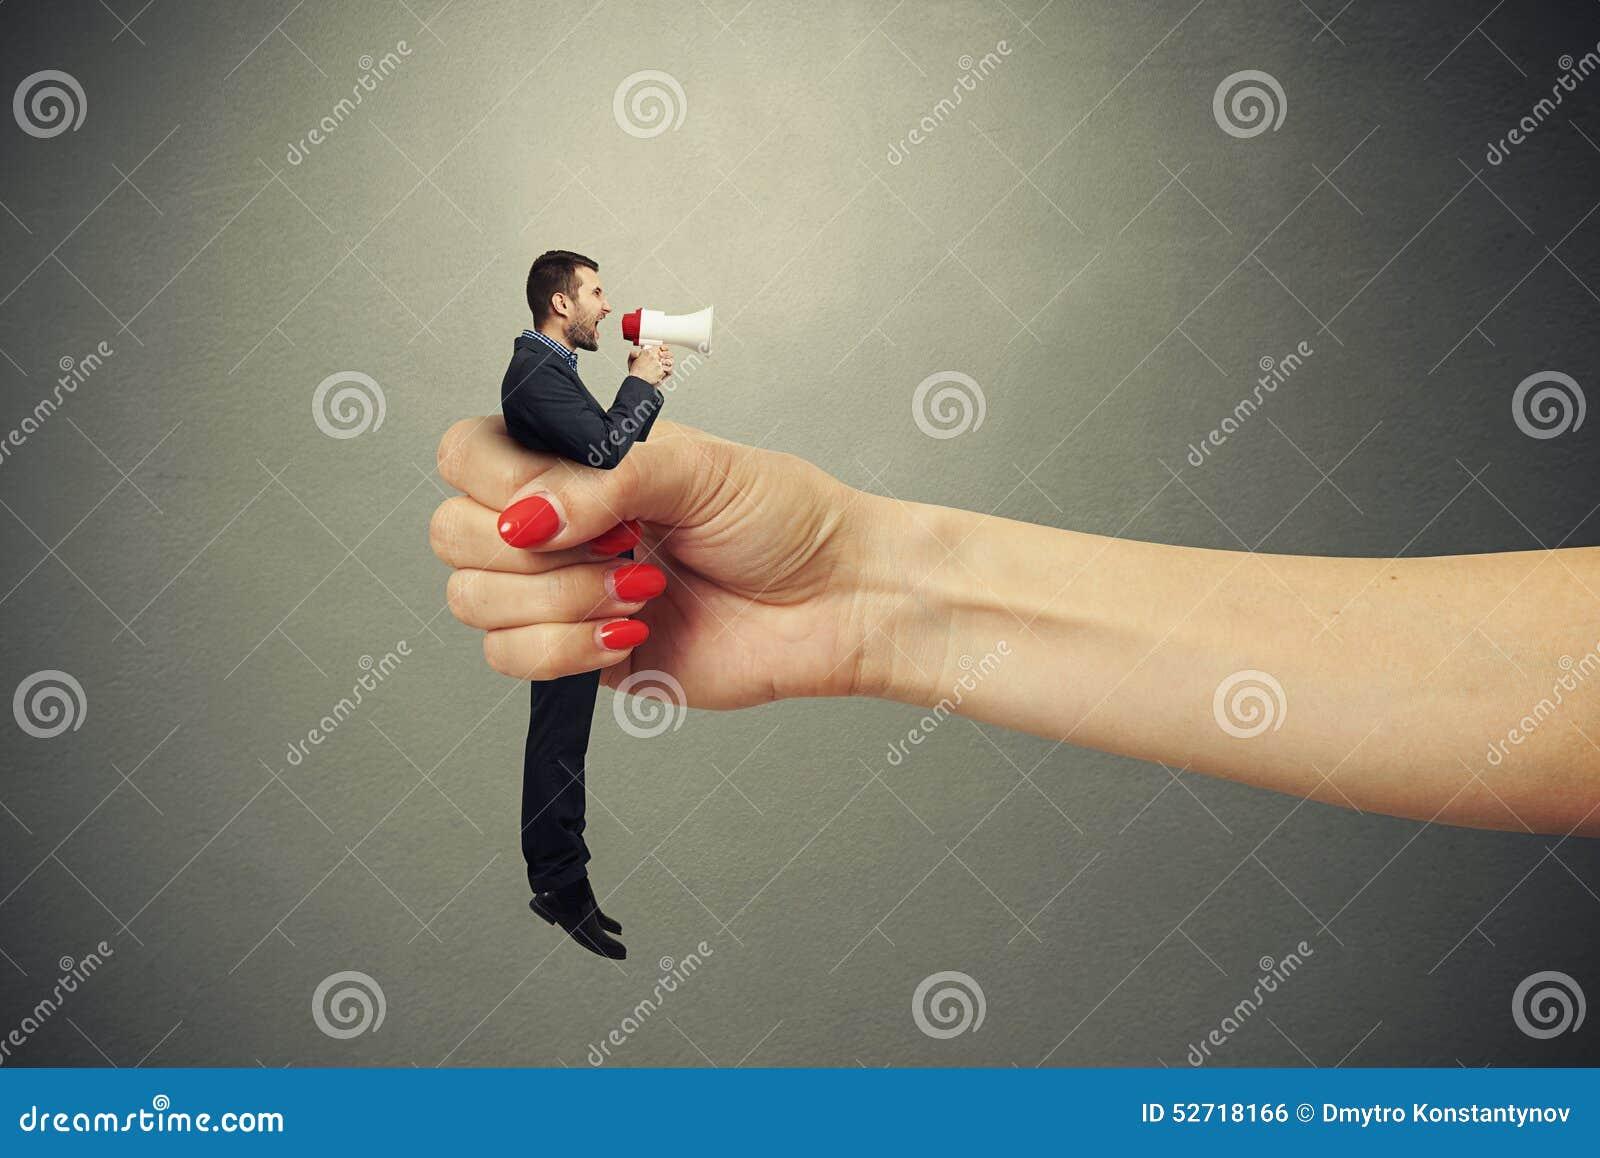 Член в руке девушки, Дрочат парню - Женщины дрочат член пацанам не давая 24 фотография